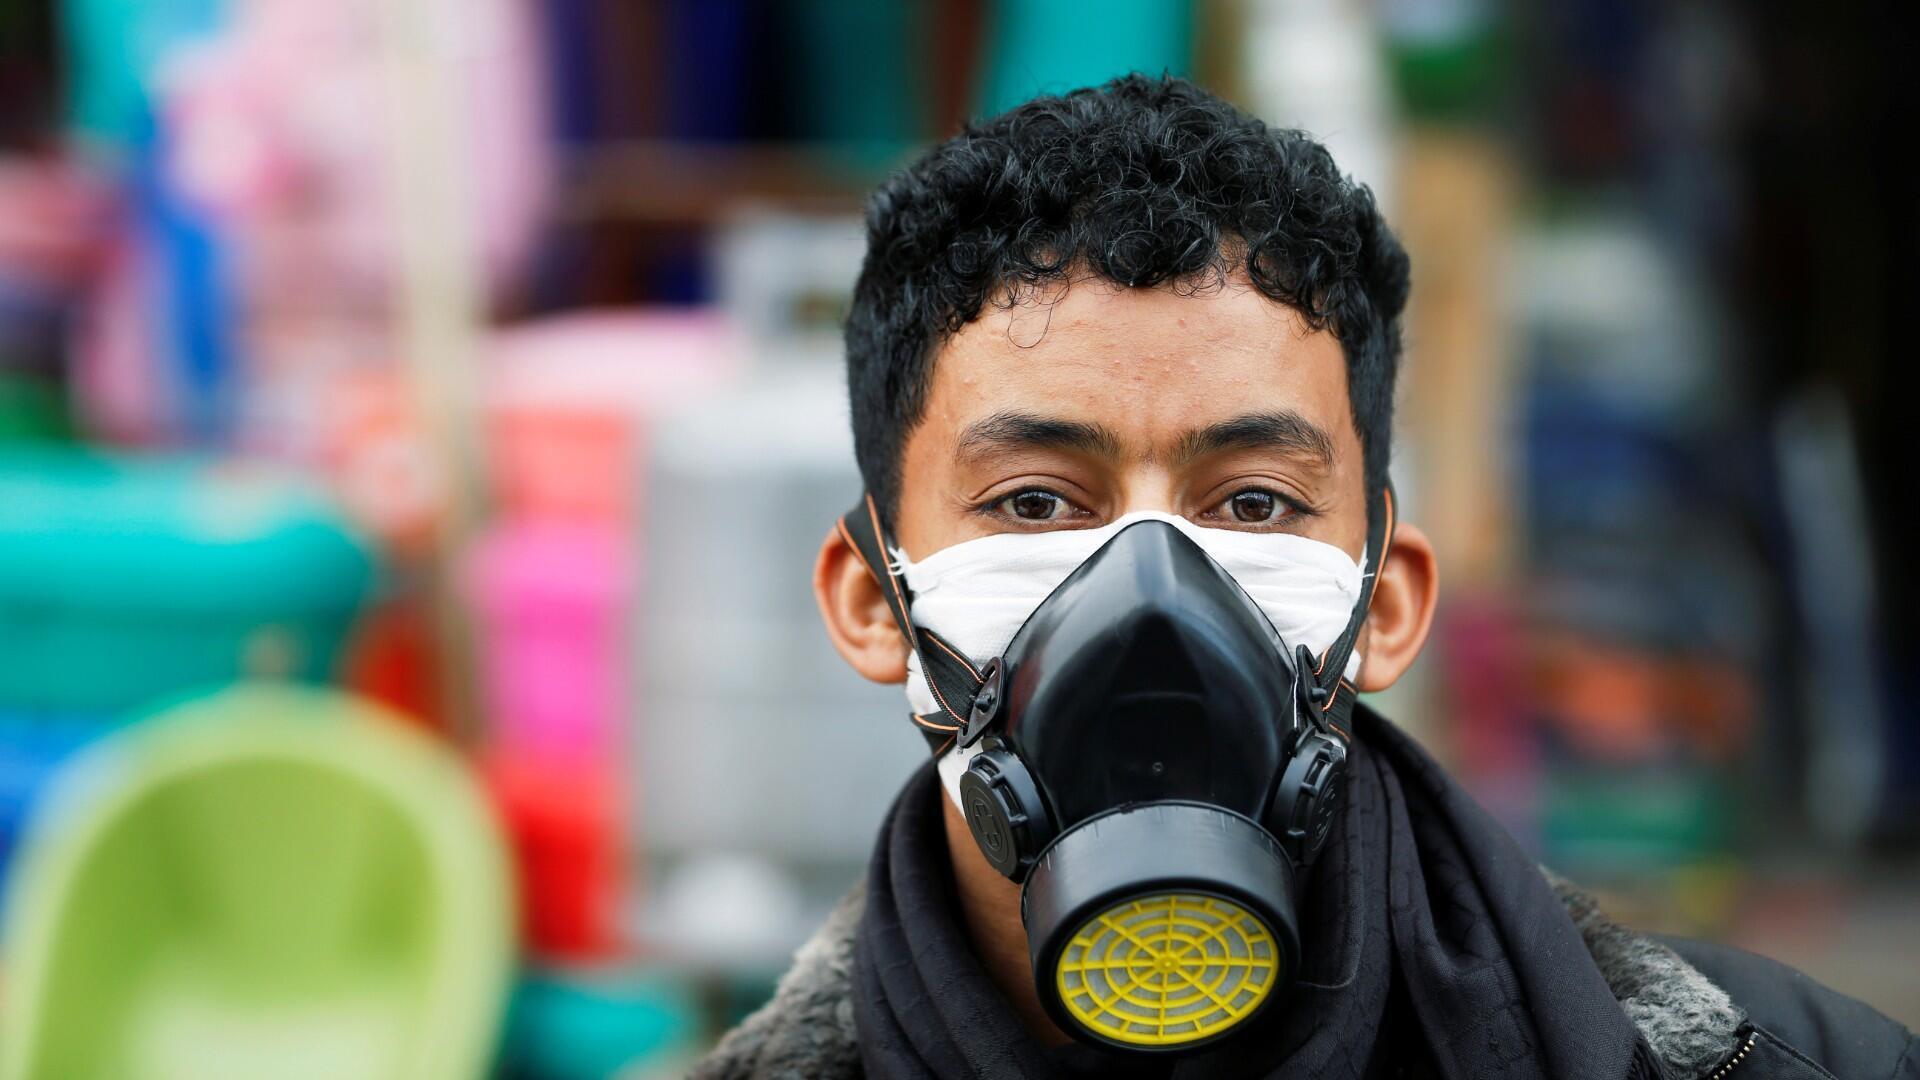 Un hombre de seguridad con una máscara protectora está parado en una calle durante un toque de queda de 24 horas en medio de preocupaciones sobre la propagación de la enfermedad por coronavirus (COVID-19), en Sanaa, Yemen, 6 de mayo de 2020.